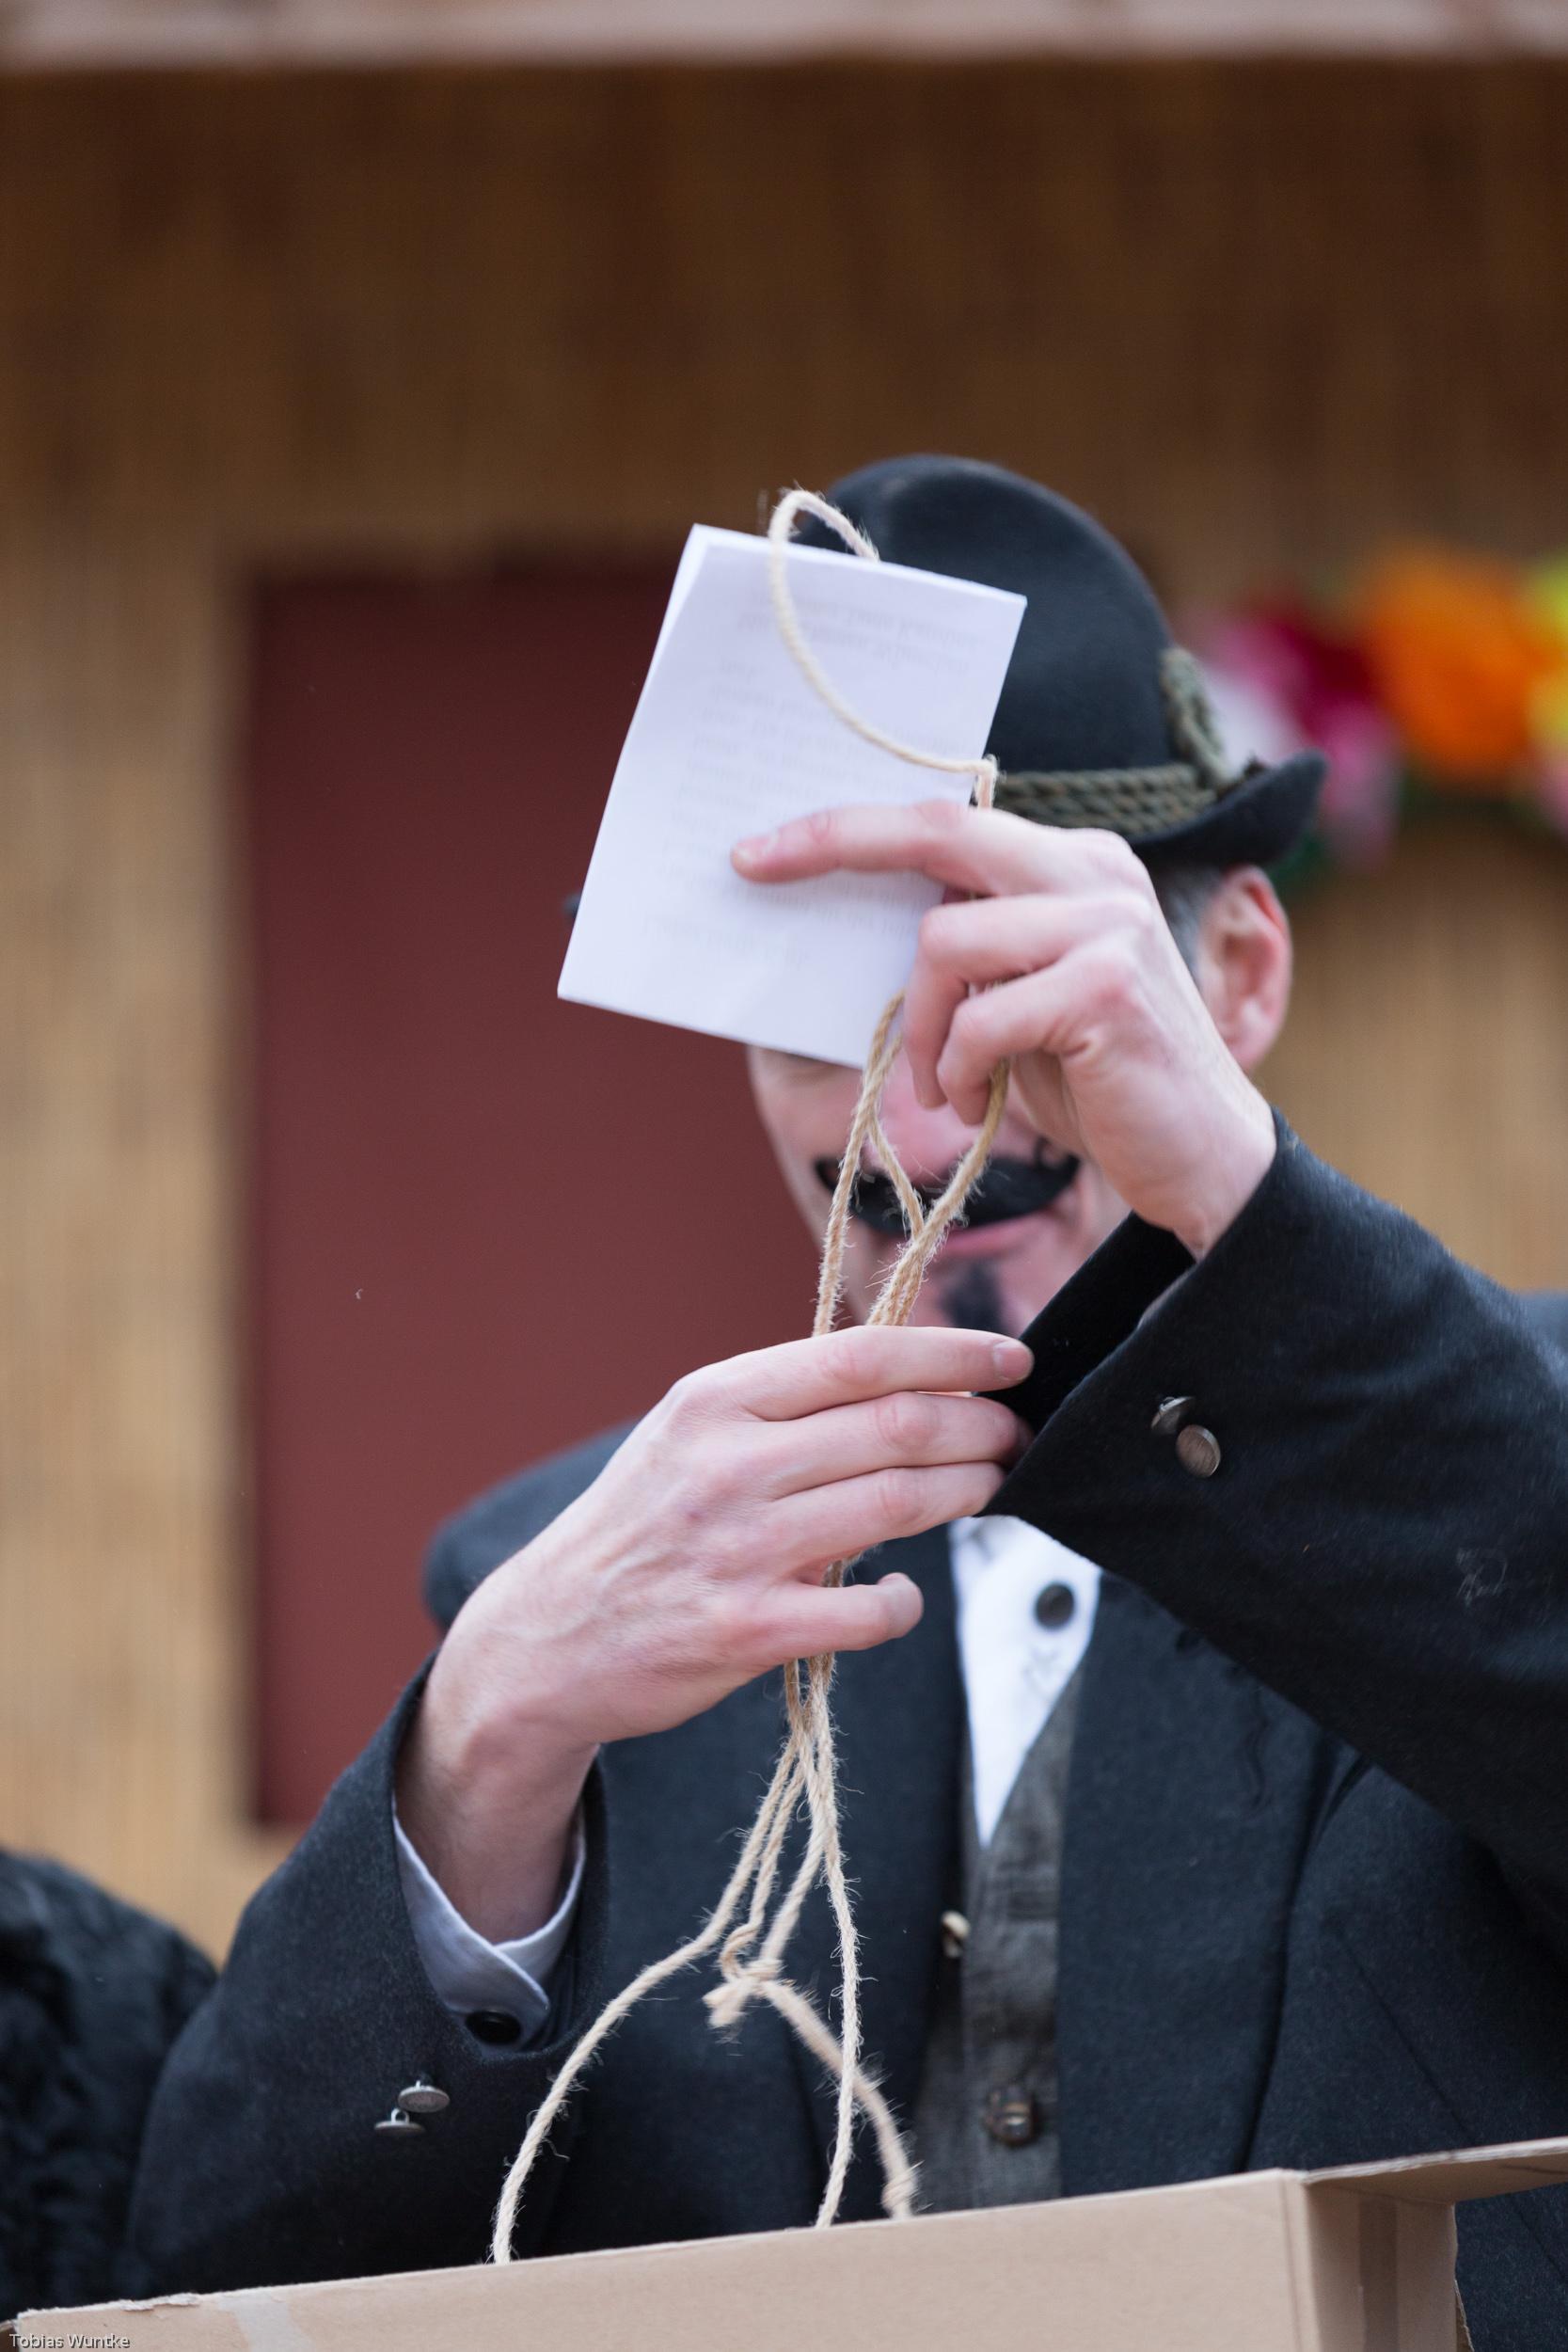 Detailaufnahme eines der Schauspieler des Fasnetsspieles in Burladingen.